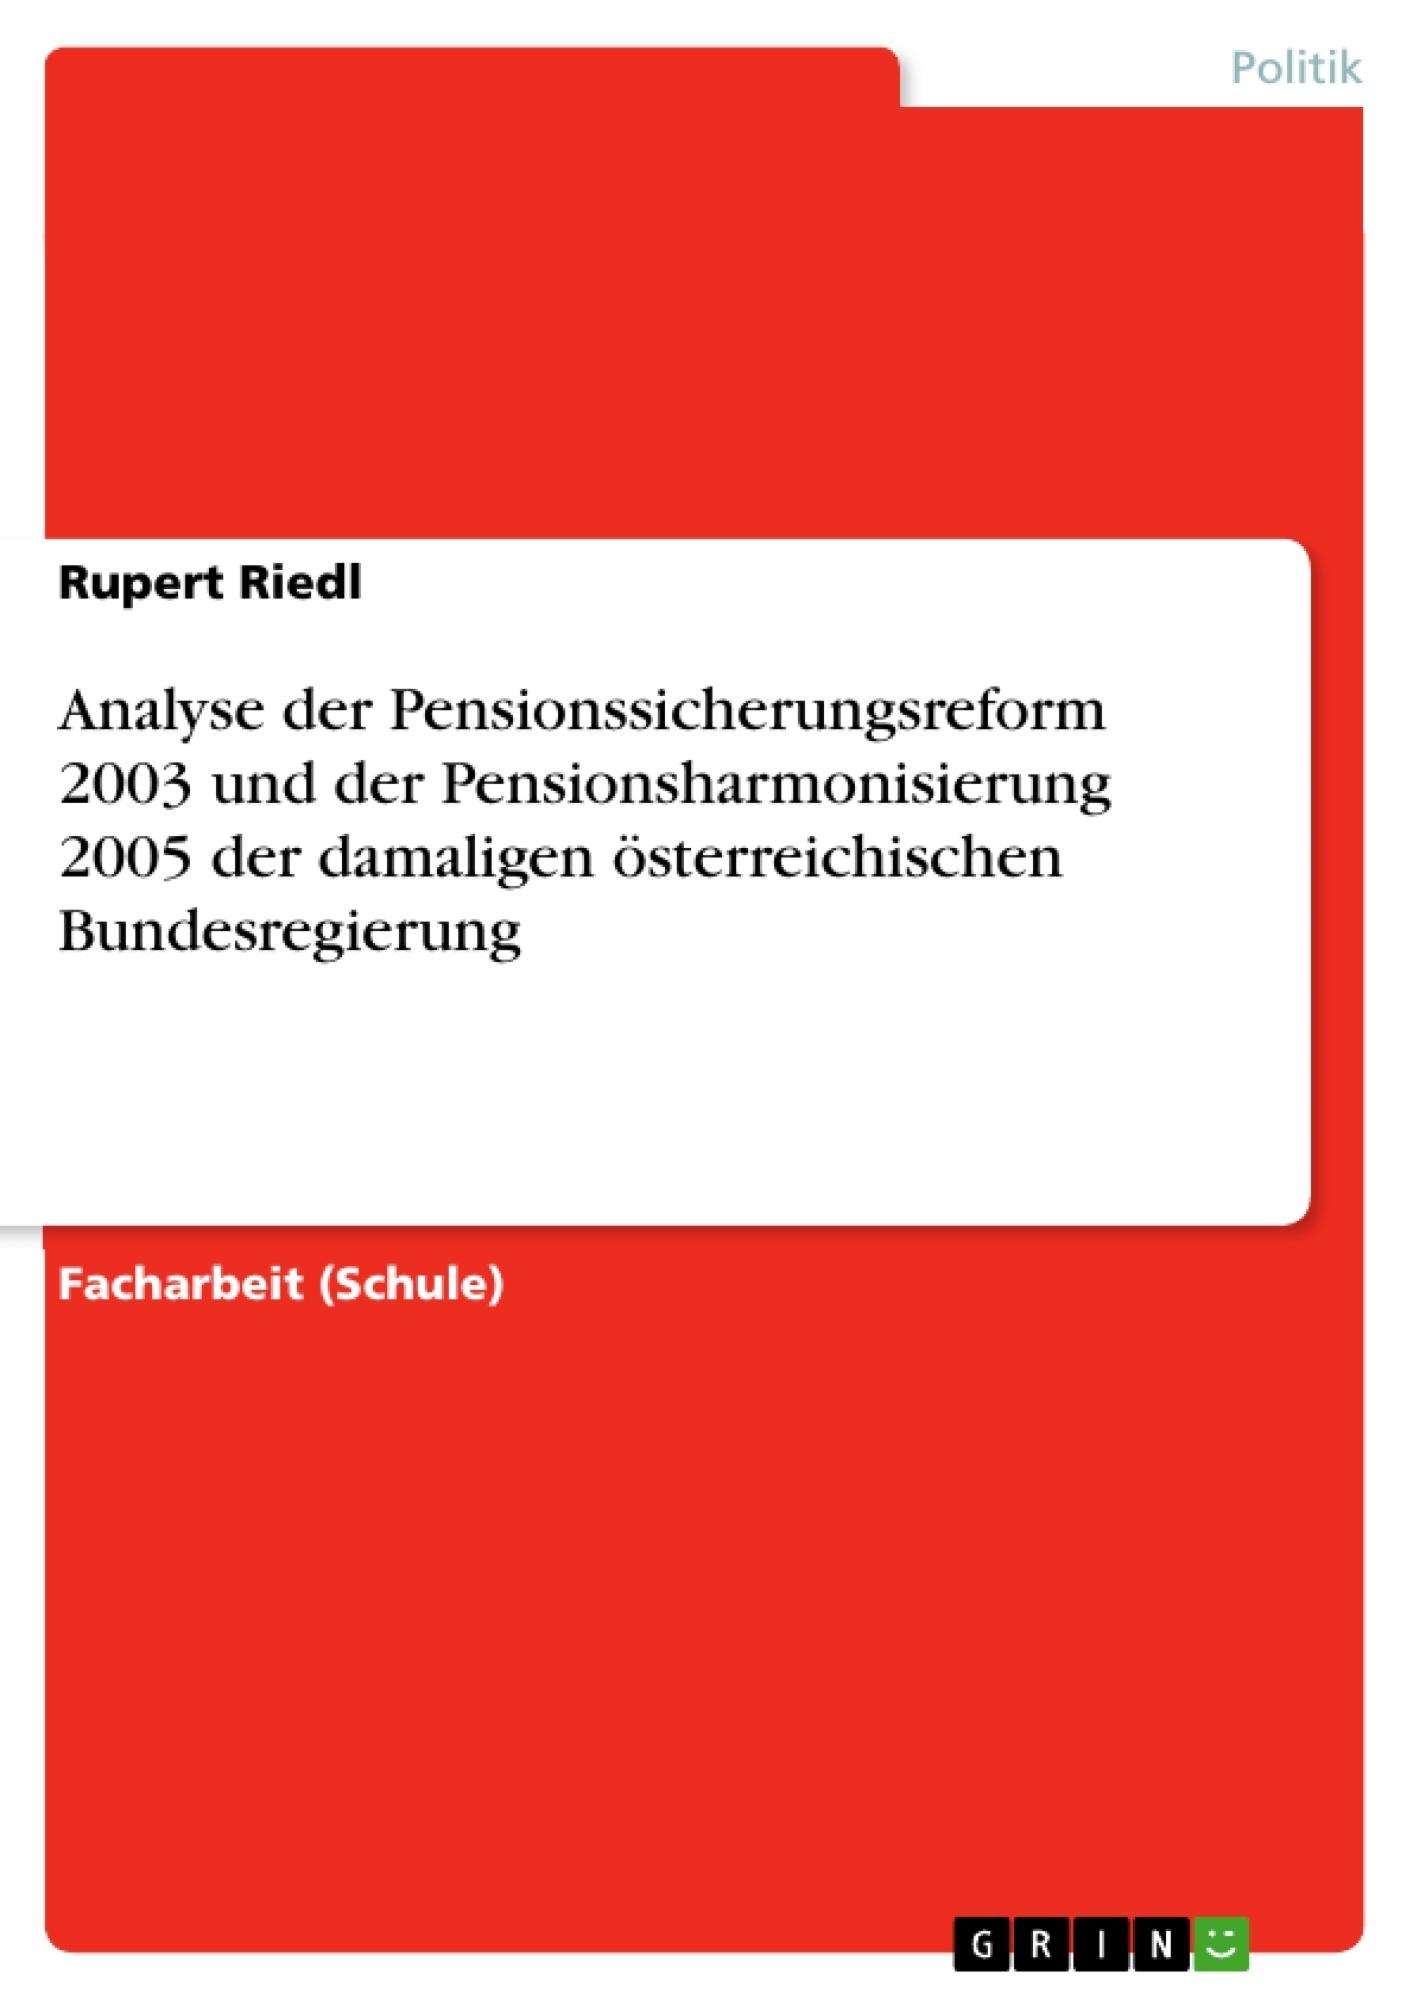 Titel: Analyse der Pensionssicherungsreform 2003 und der Pensionsharmonisierung 2005 der damaligen österreichischen Bundesregierung